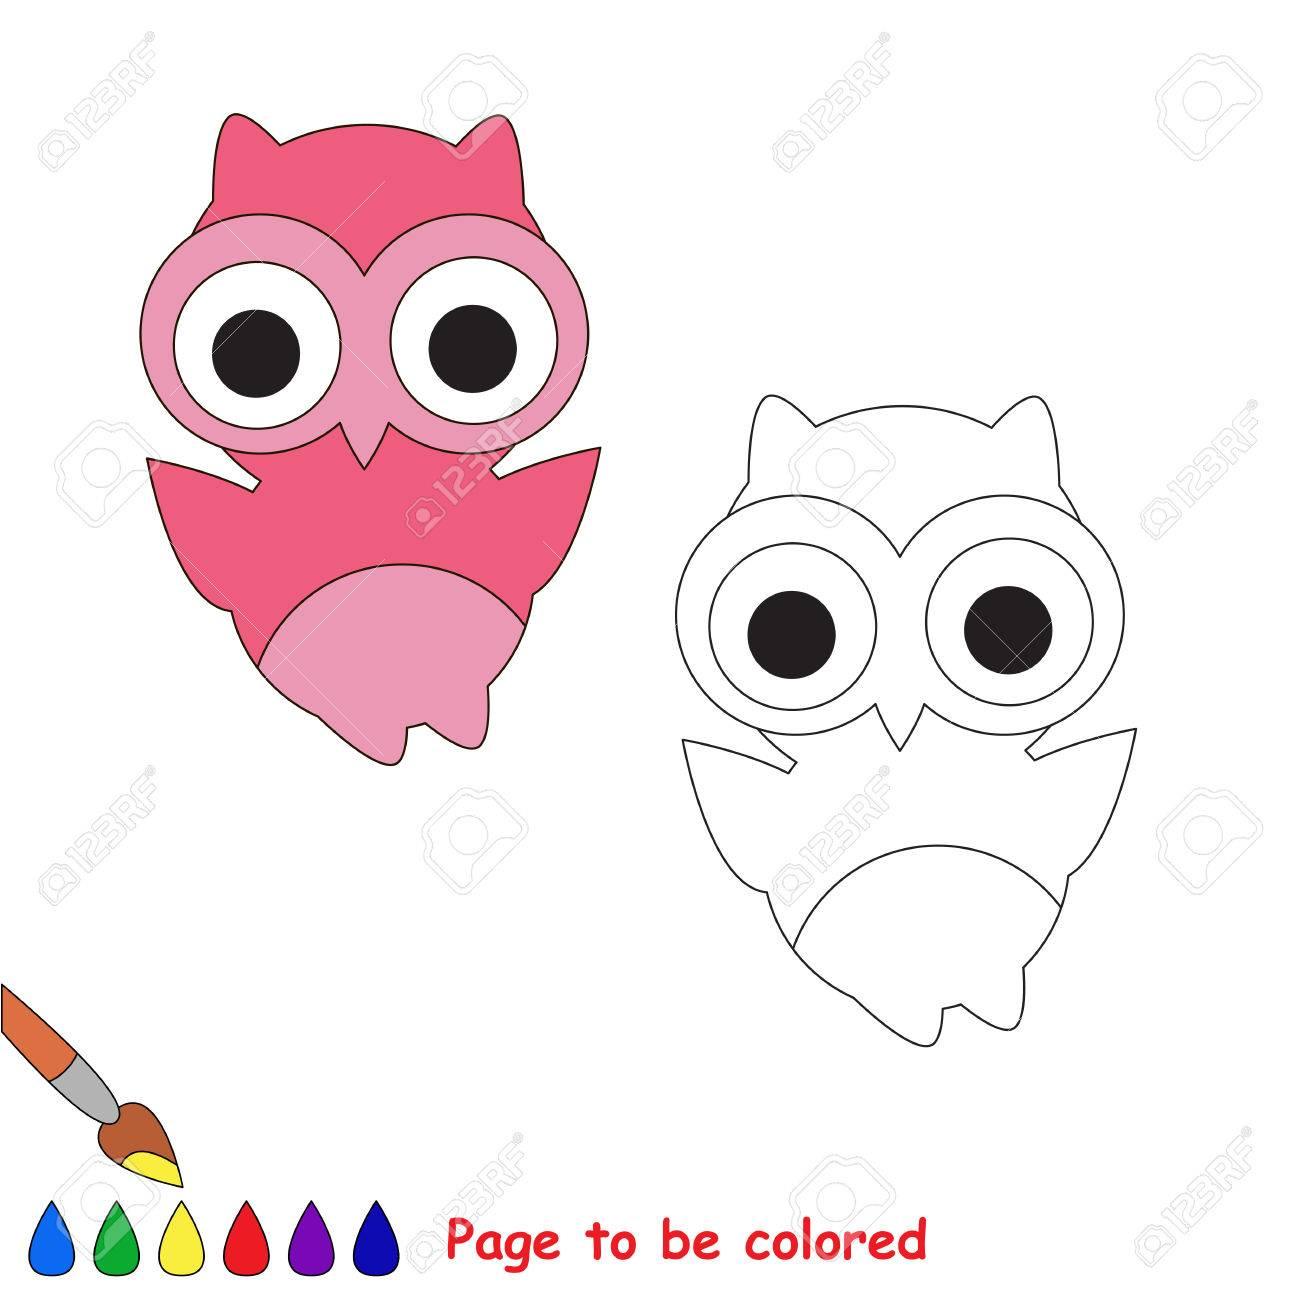 Cartoon Búho Rosado A Ser De Color Libro Para Colorear Para Los Niños